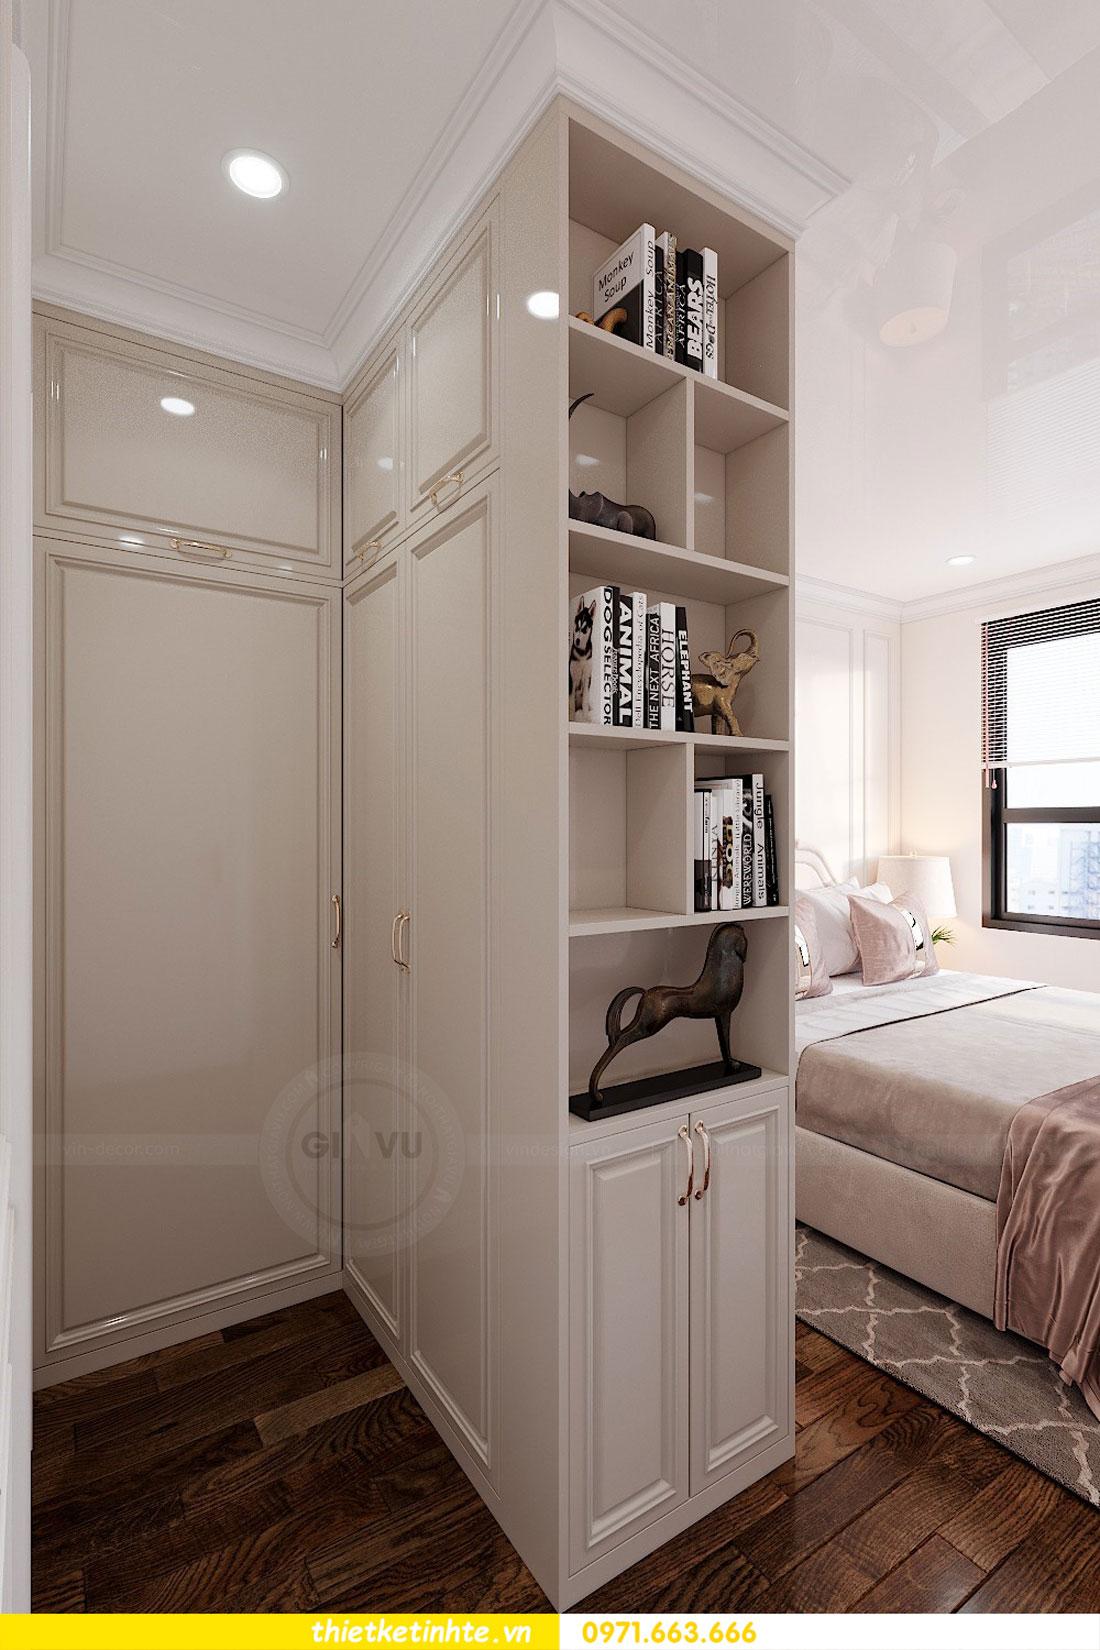 thiết kế nội thất chung cư 60m2 với 2 phòng ngủ anh Tuấn 07